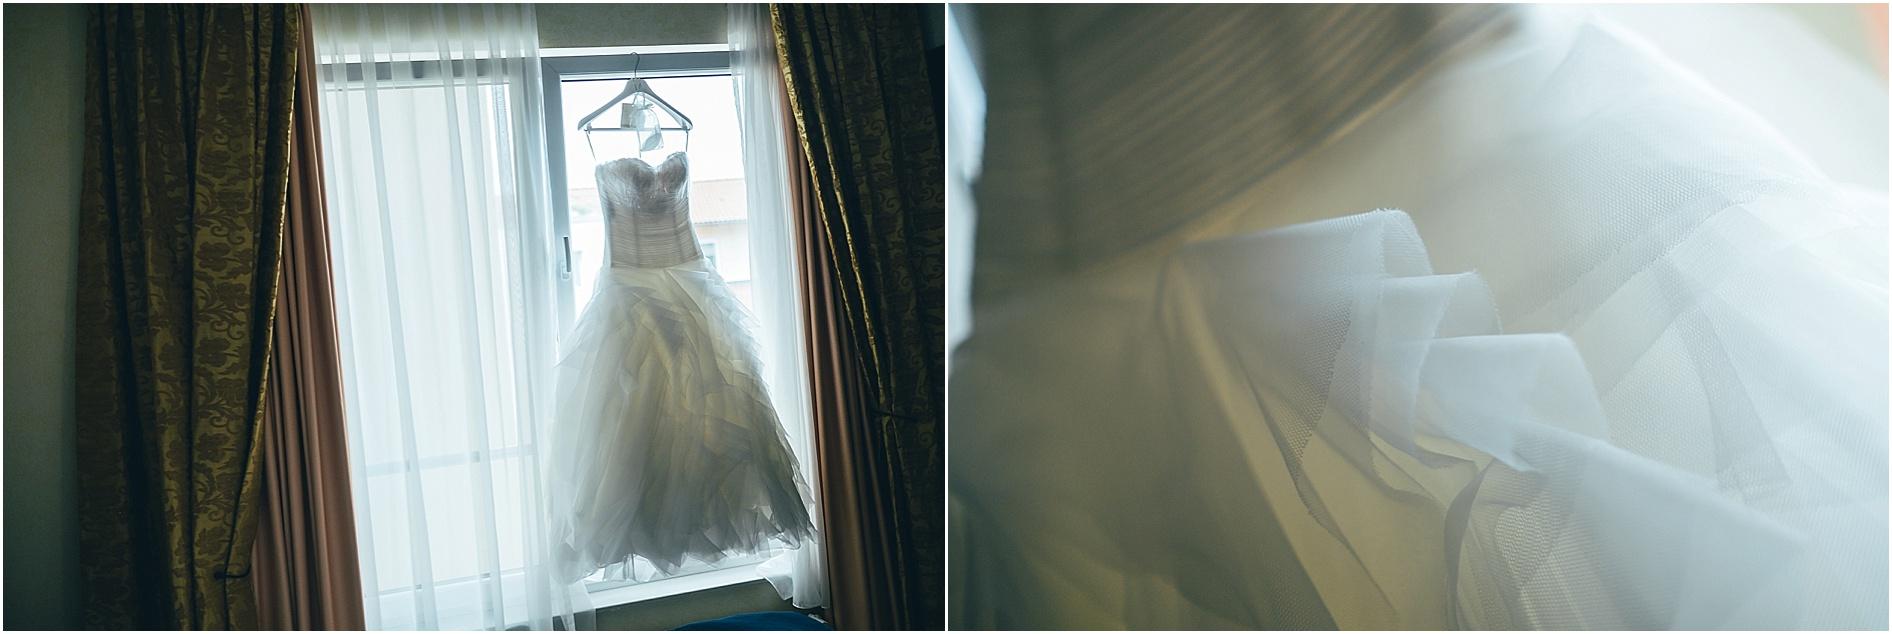 2015-10-27_0015 Tine & Chrischan - Hochzeitsfilm & Fotos in Lüneburg